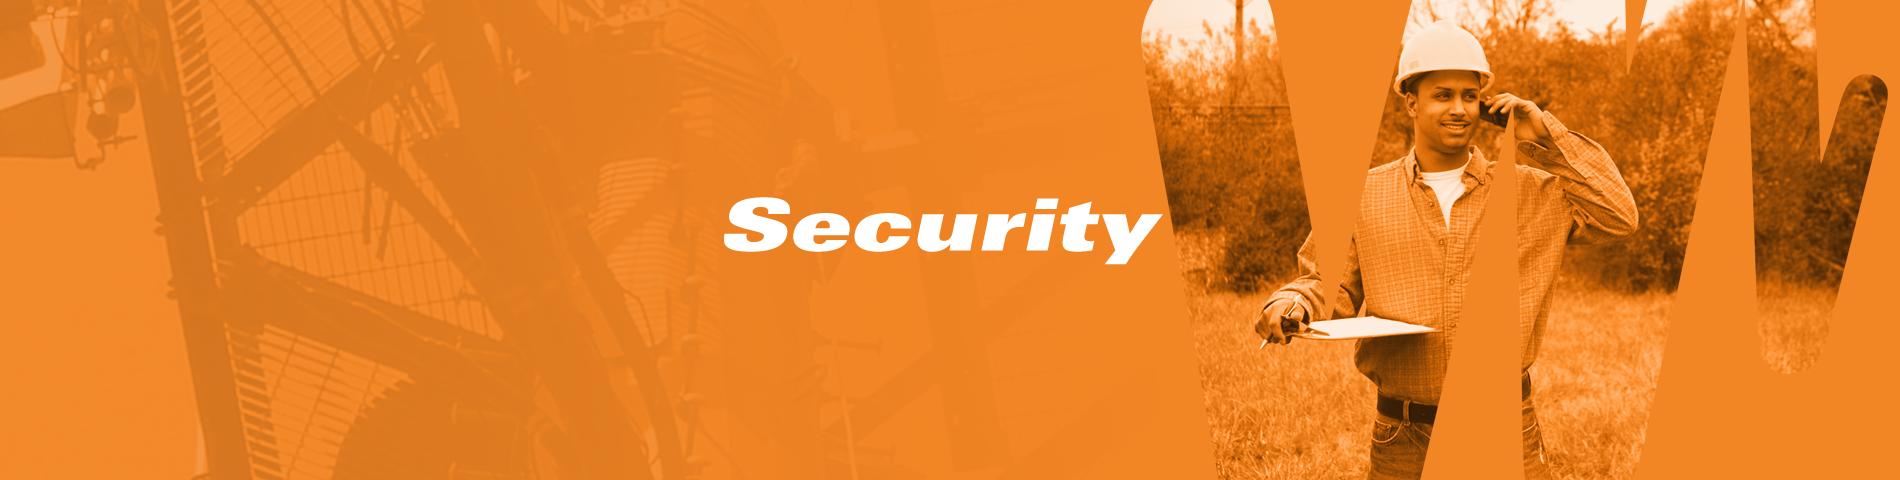 lmn_website_banner_security.png